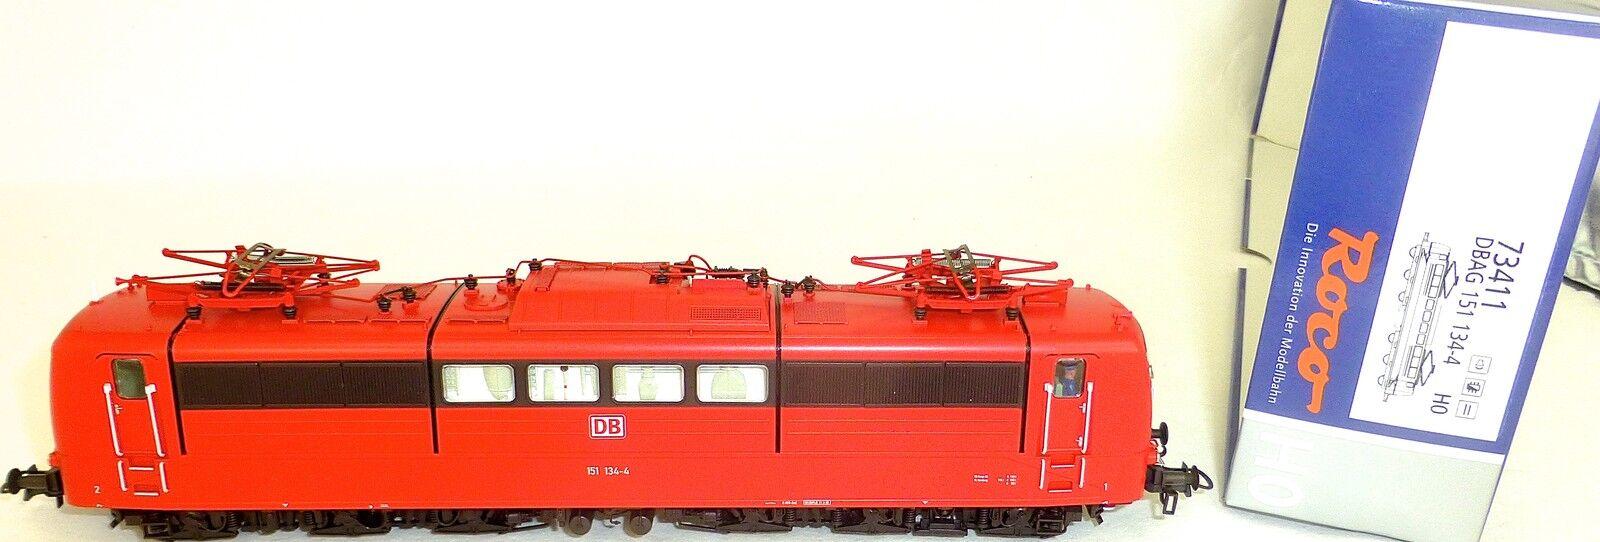 151 Locomotive électrique SON NUMÉRIQUE SER60 EpV DSS NEM Roco 73411 H0 1 87